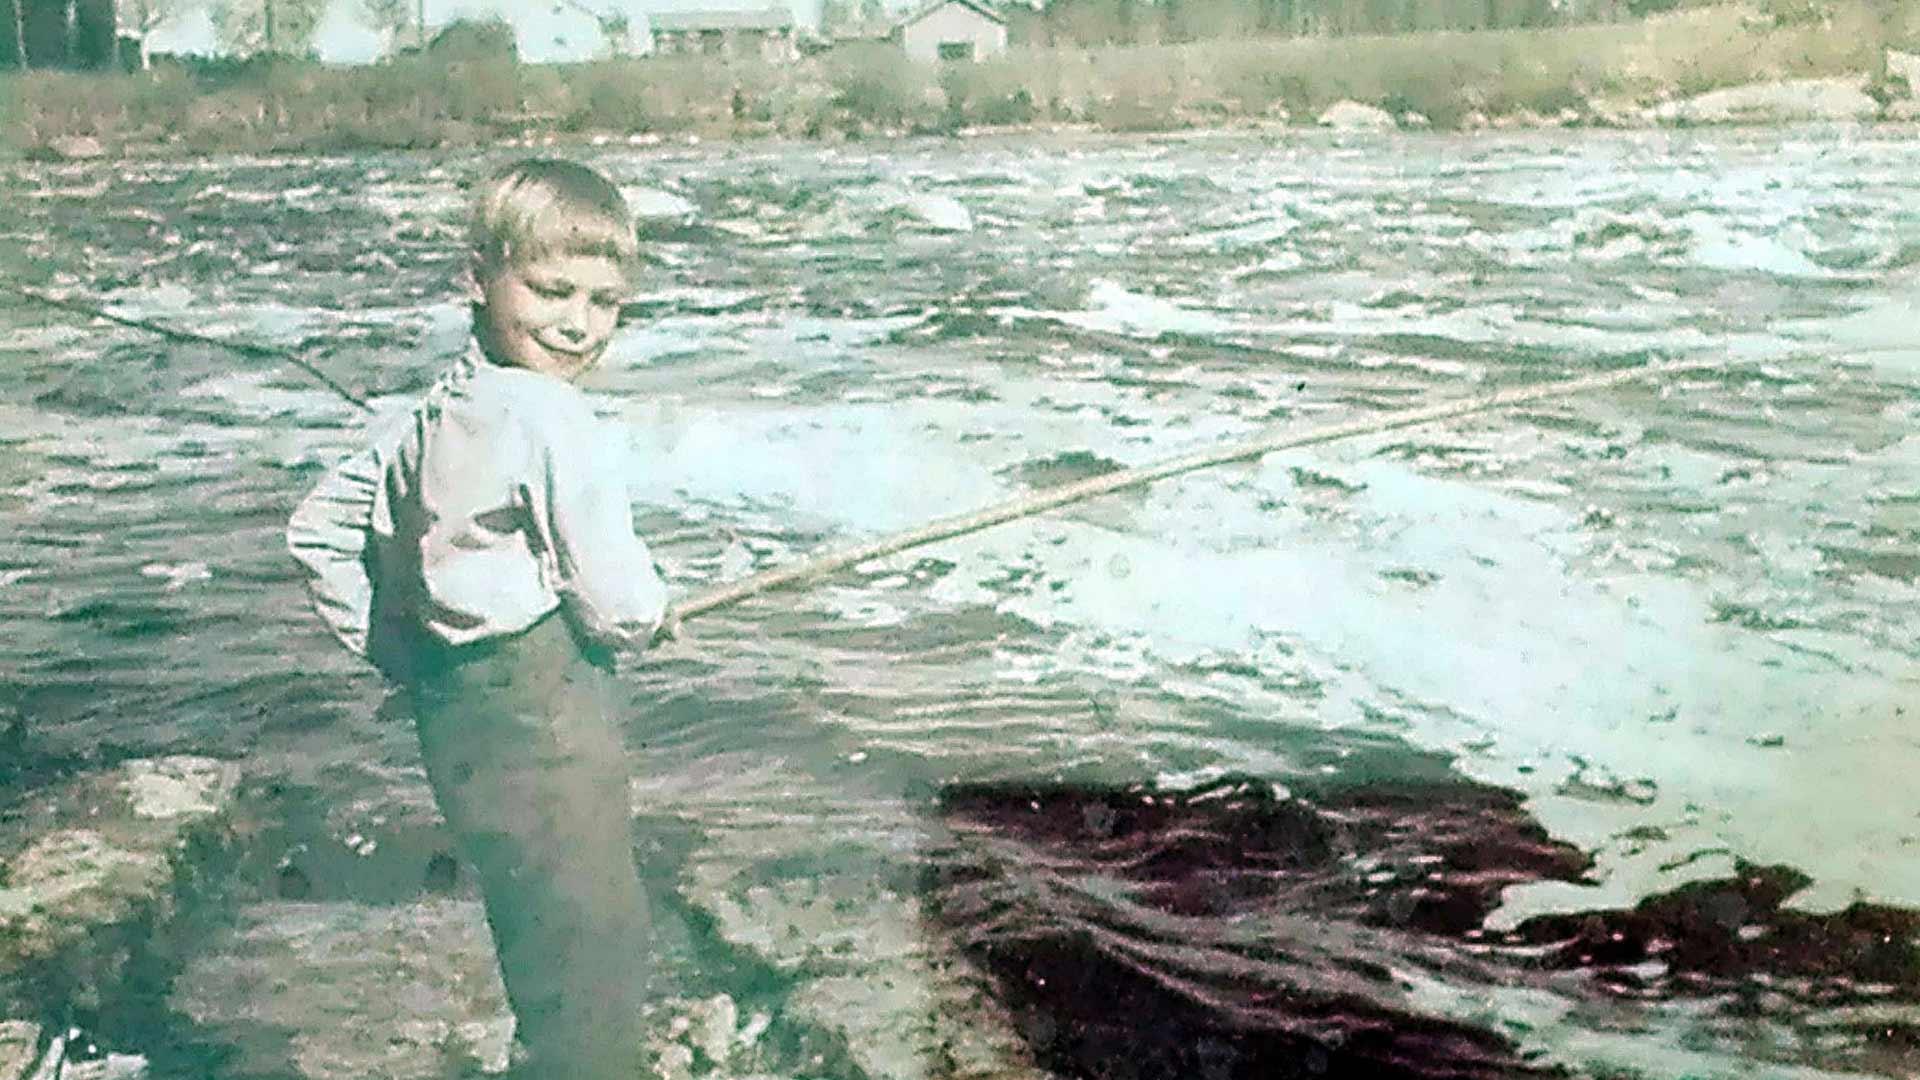 Lapsena Markus oli innokas kalamies, ja kalastus yhdisti koko perhettä. Kuvassa Markus onkii Siikajoella kesällä 1967.